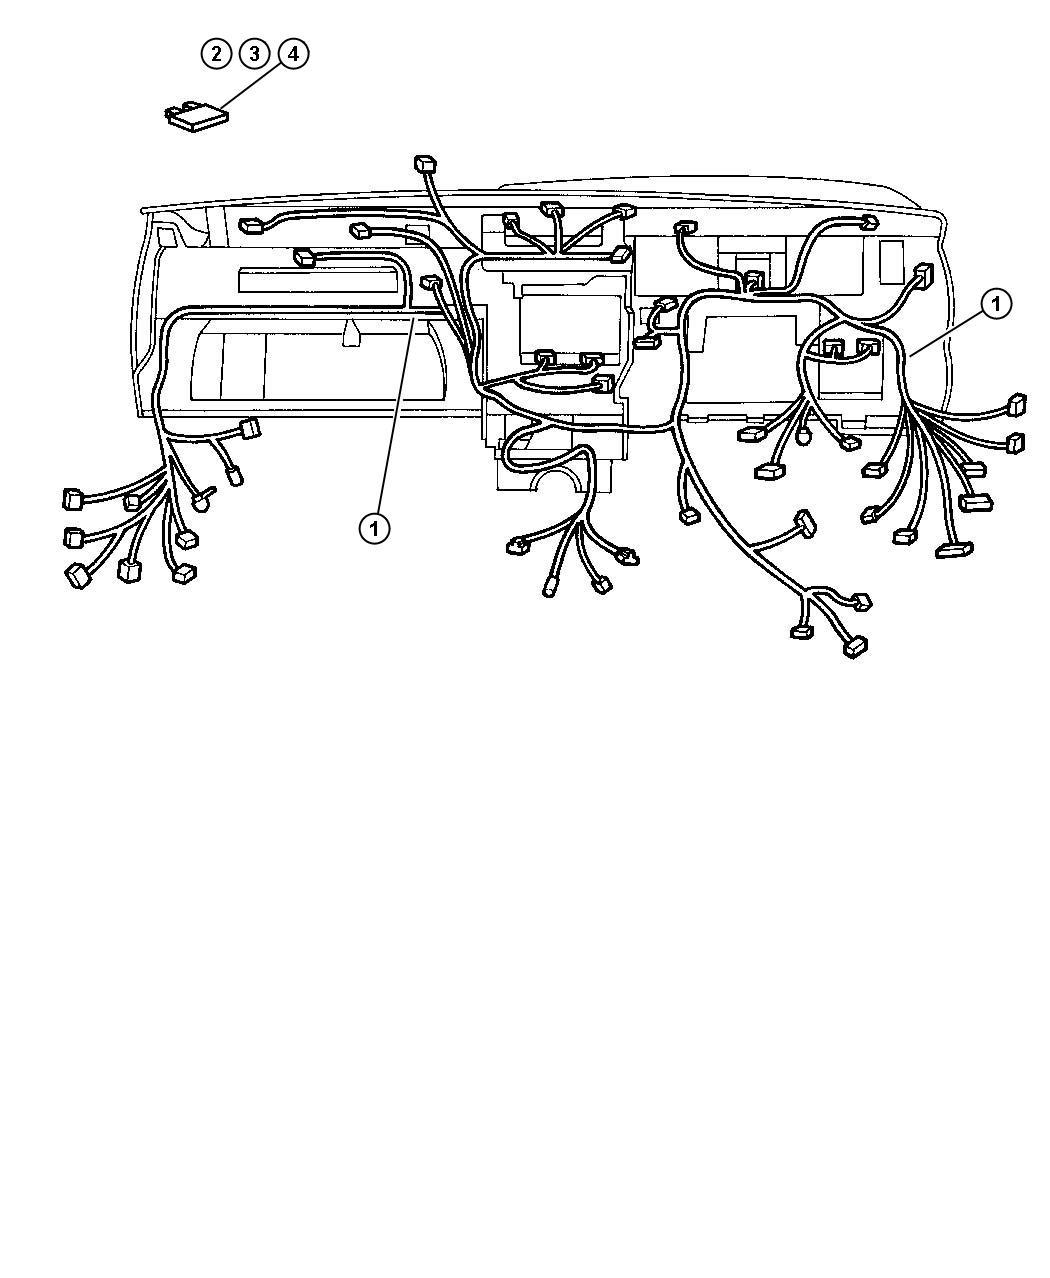 jeep wrangler wiring kit  jumper  also comes w  starter  wstarter